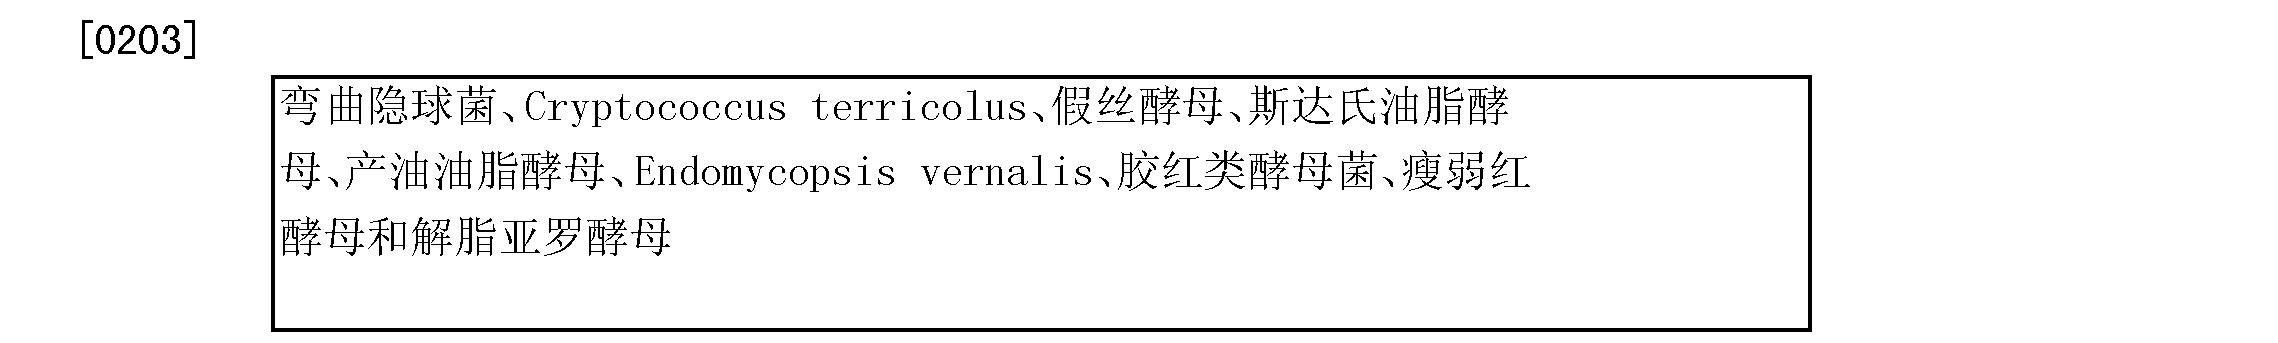 Figure CN101765661BD00281